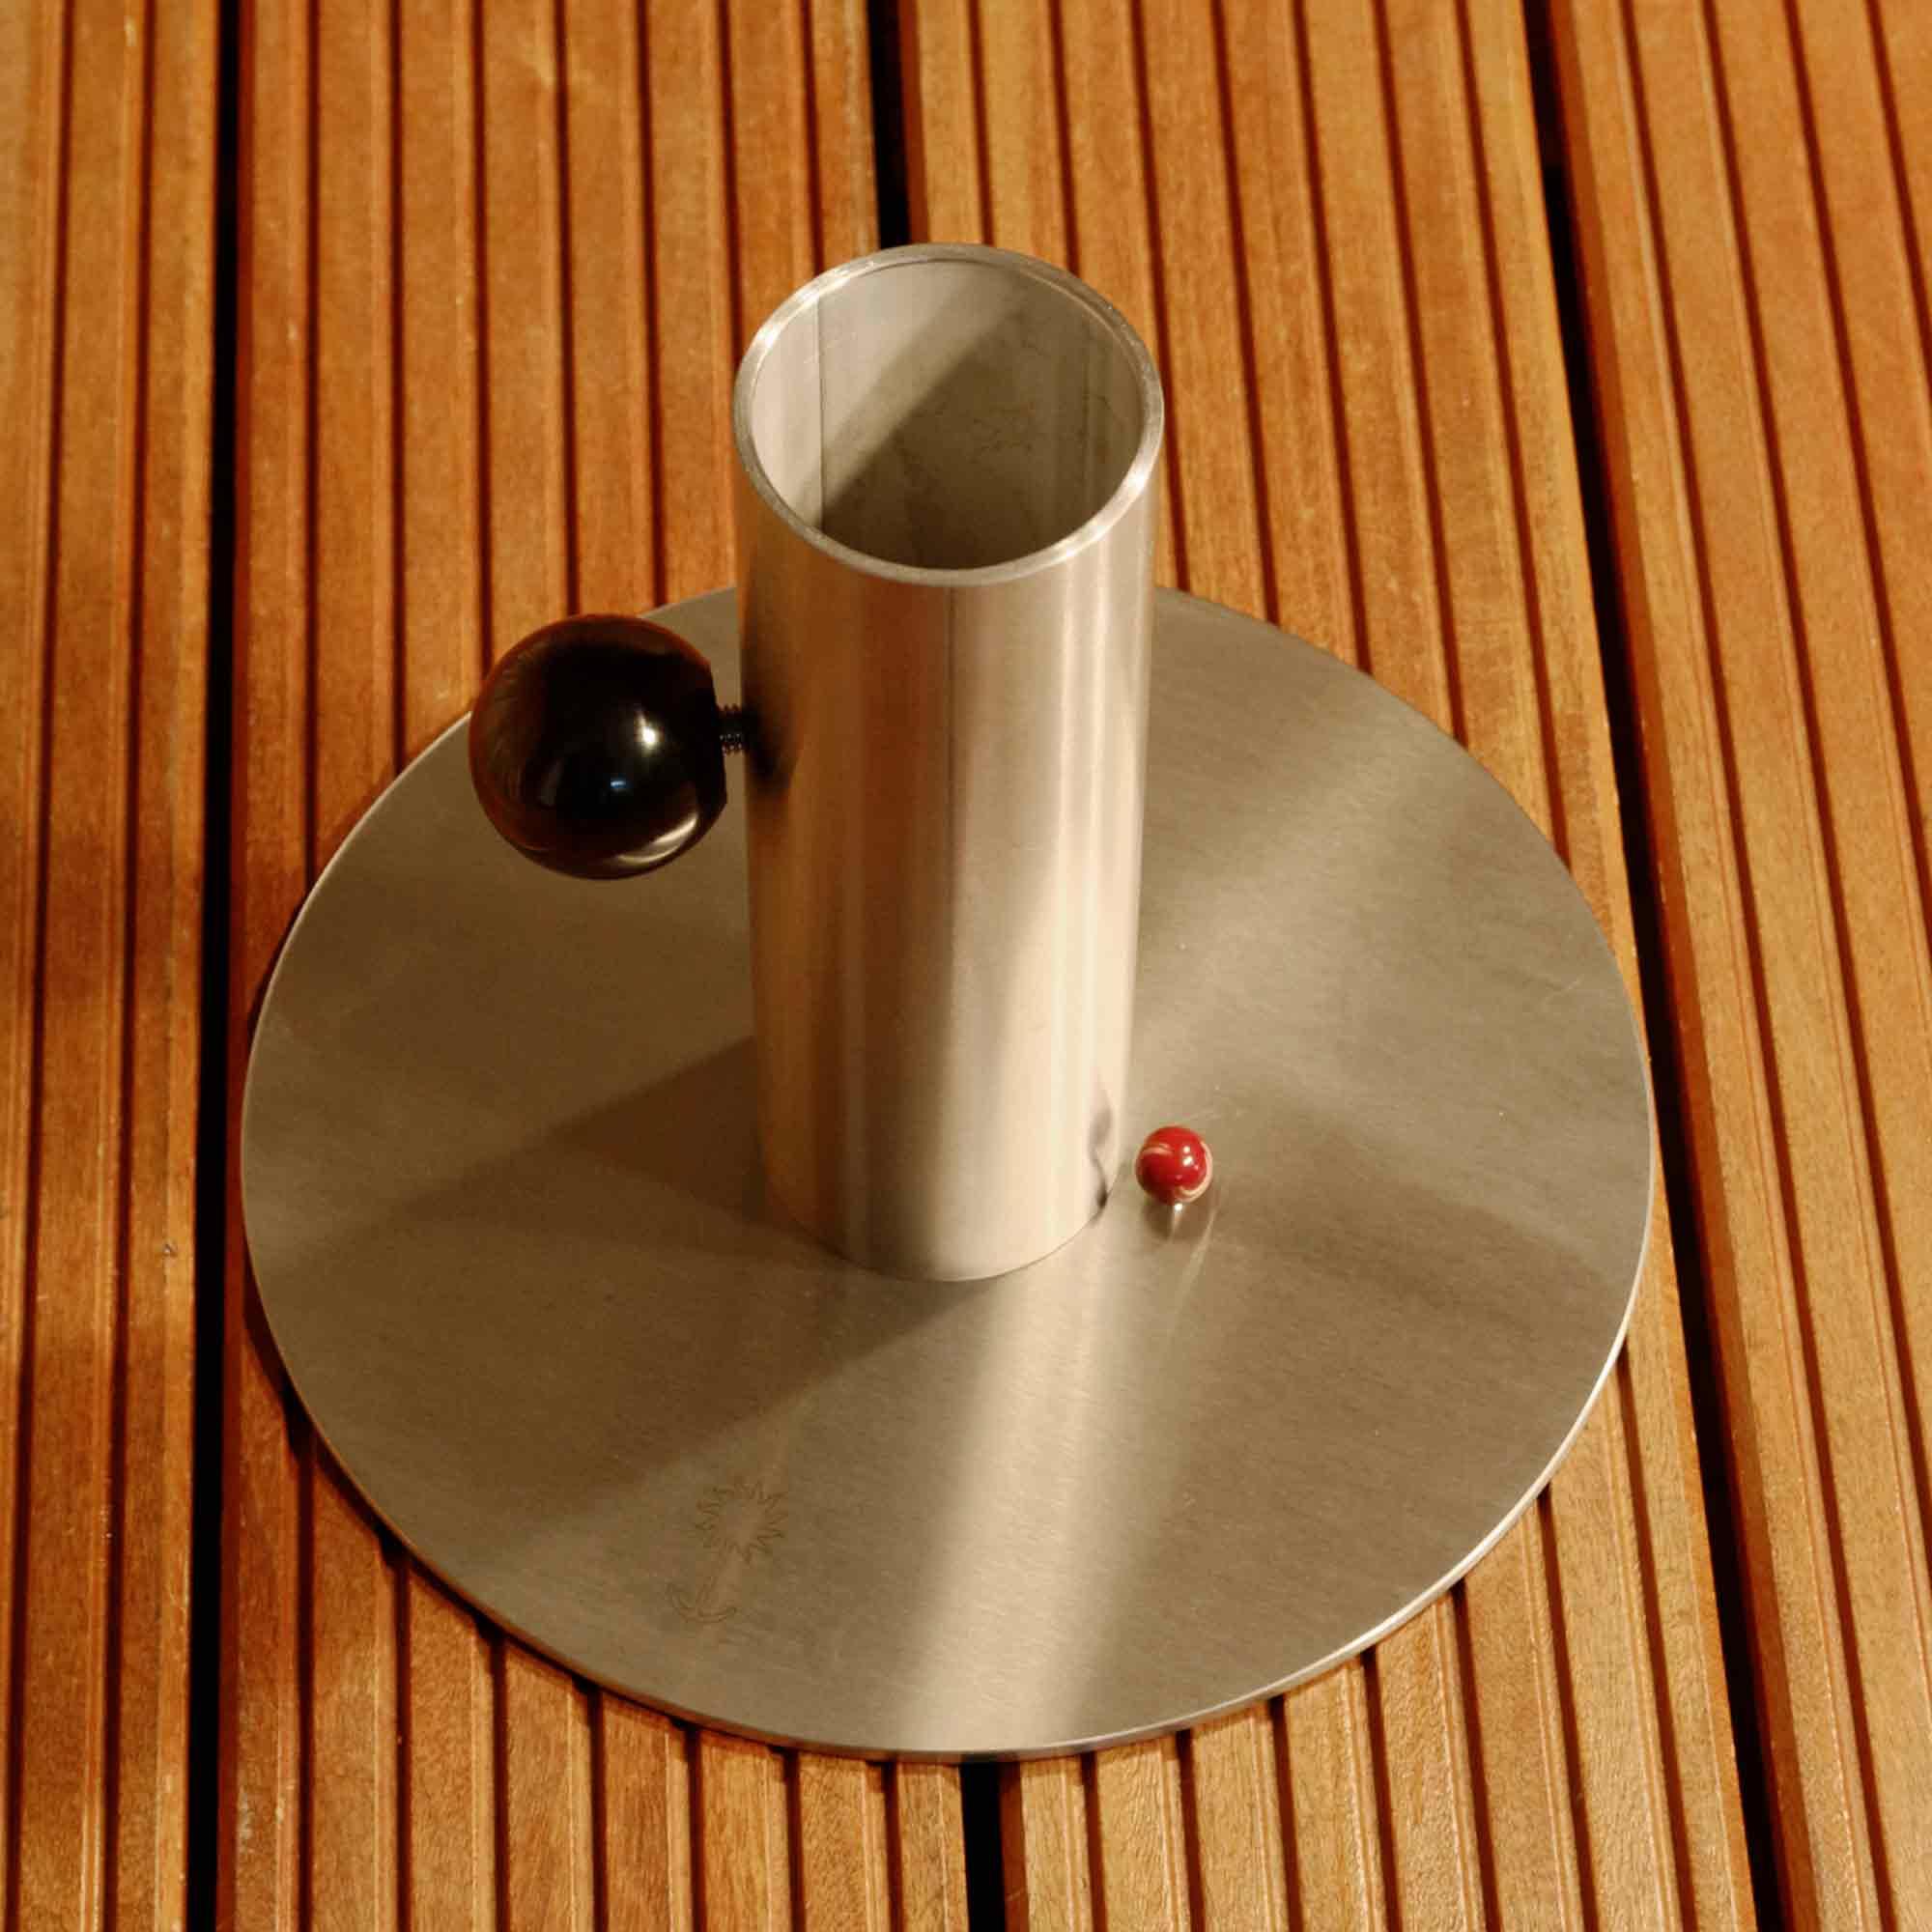 sonnenschirmst nder f r ampelschirme sonnenanker. Black Bedroom Furniture Sets. Home Design Ideas